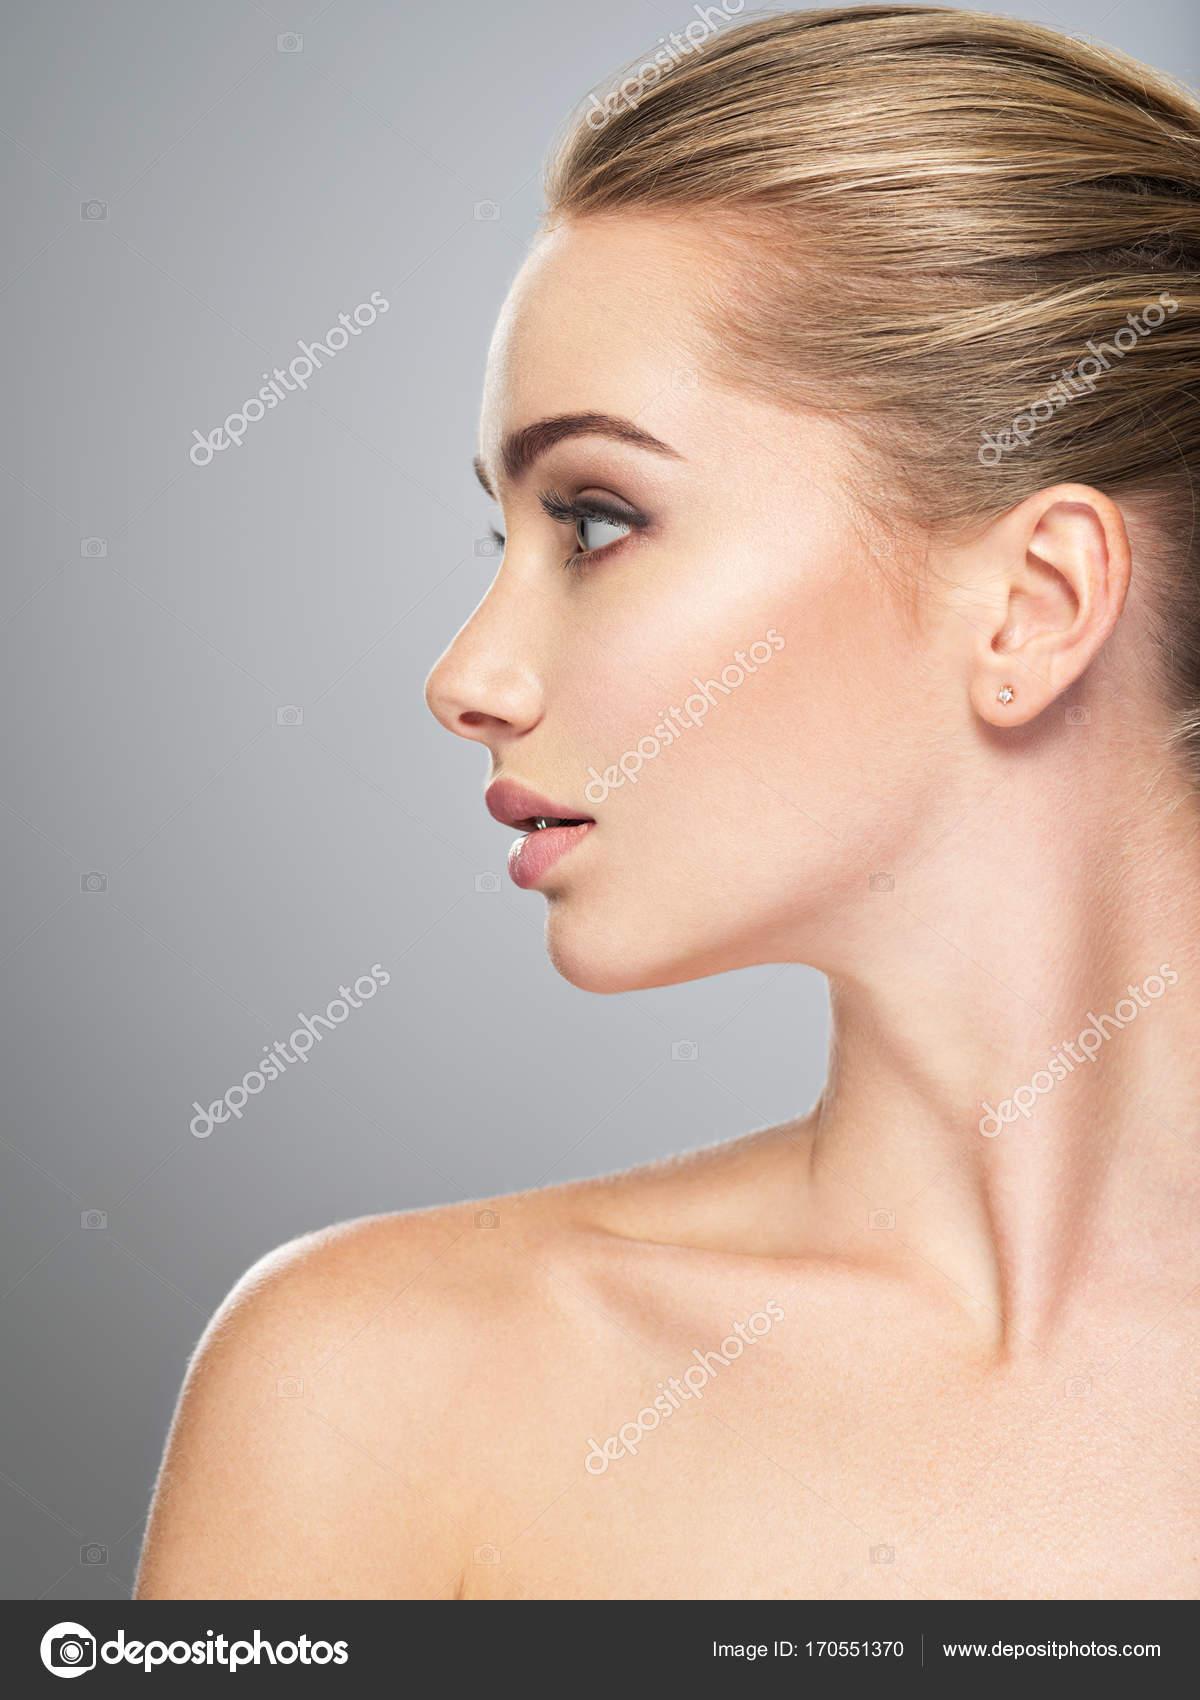 volto di giovane donna di profilo trattamento di cura della pelle vista laterale della bella ragazza con pelle sana del viso foto di valuavitaly